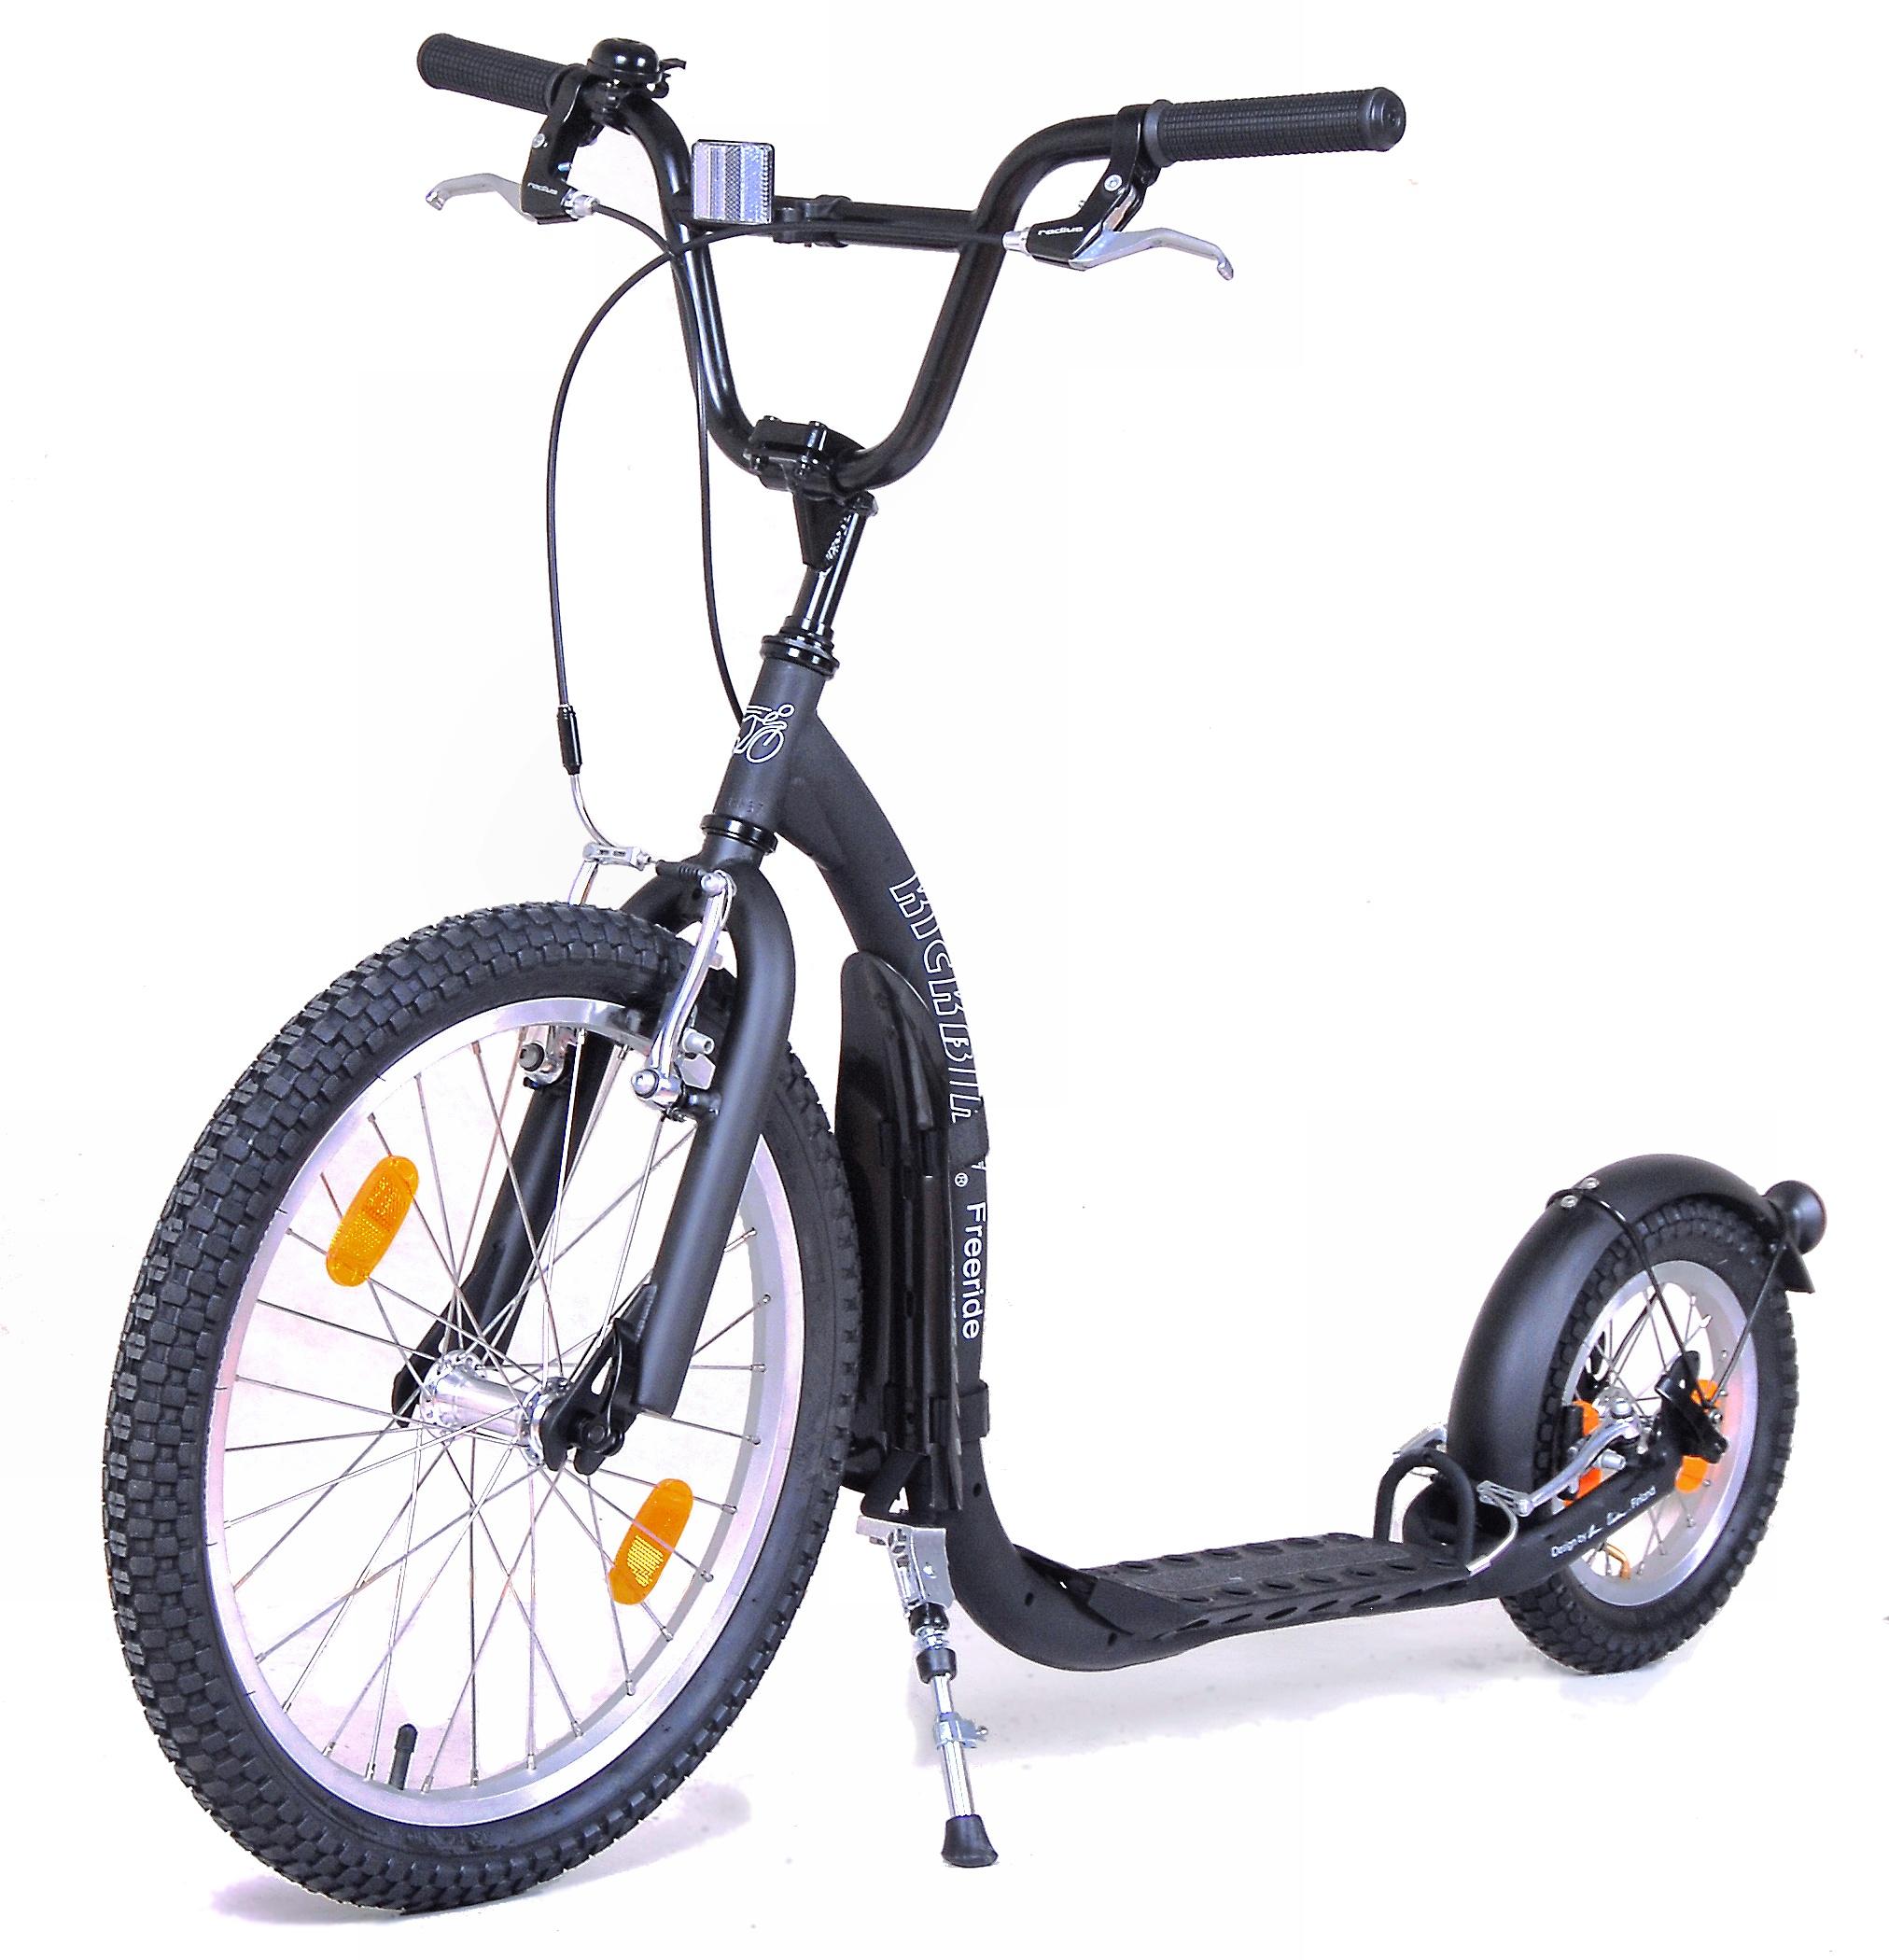 trottinette Kickbike Freeride NOIRE dès 7 ans jusque 180cm pour la famille enfant ou adulte